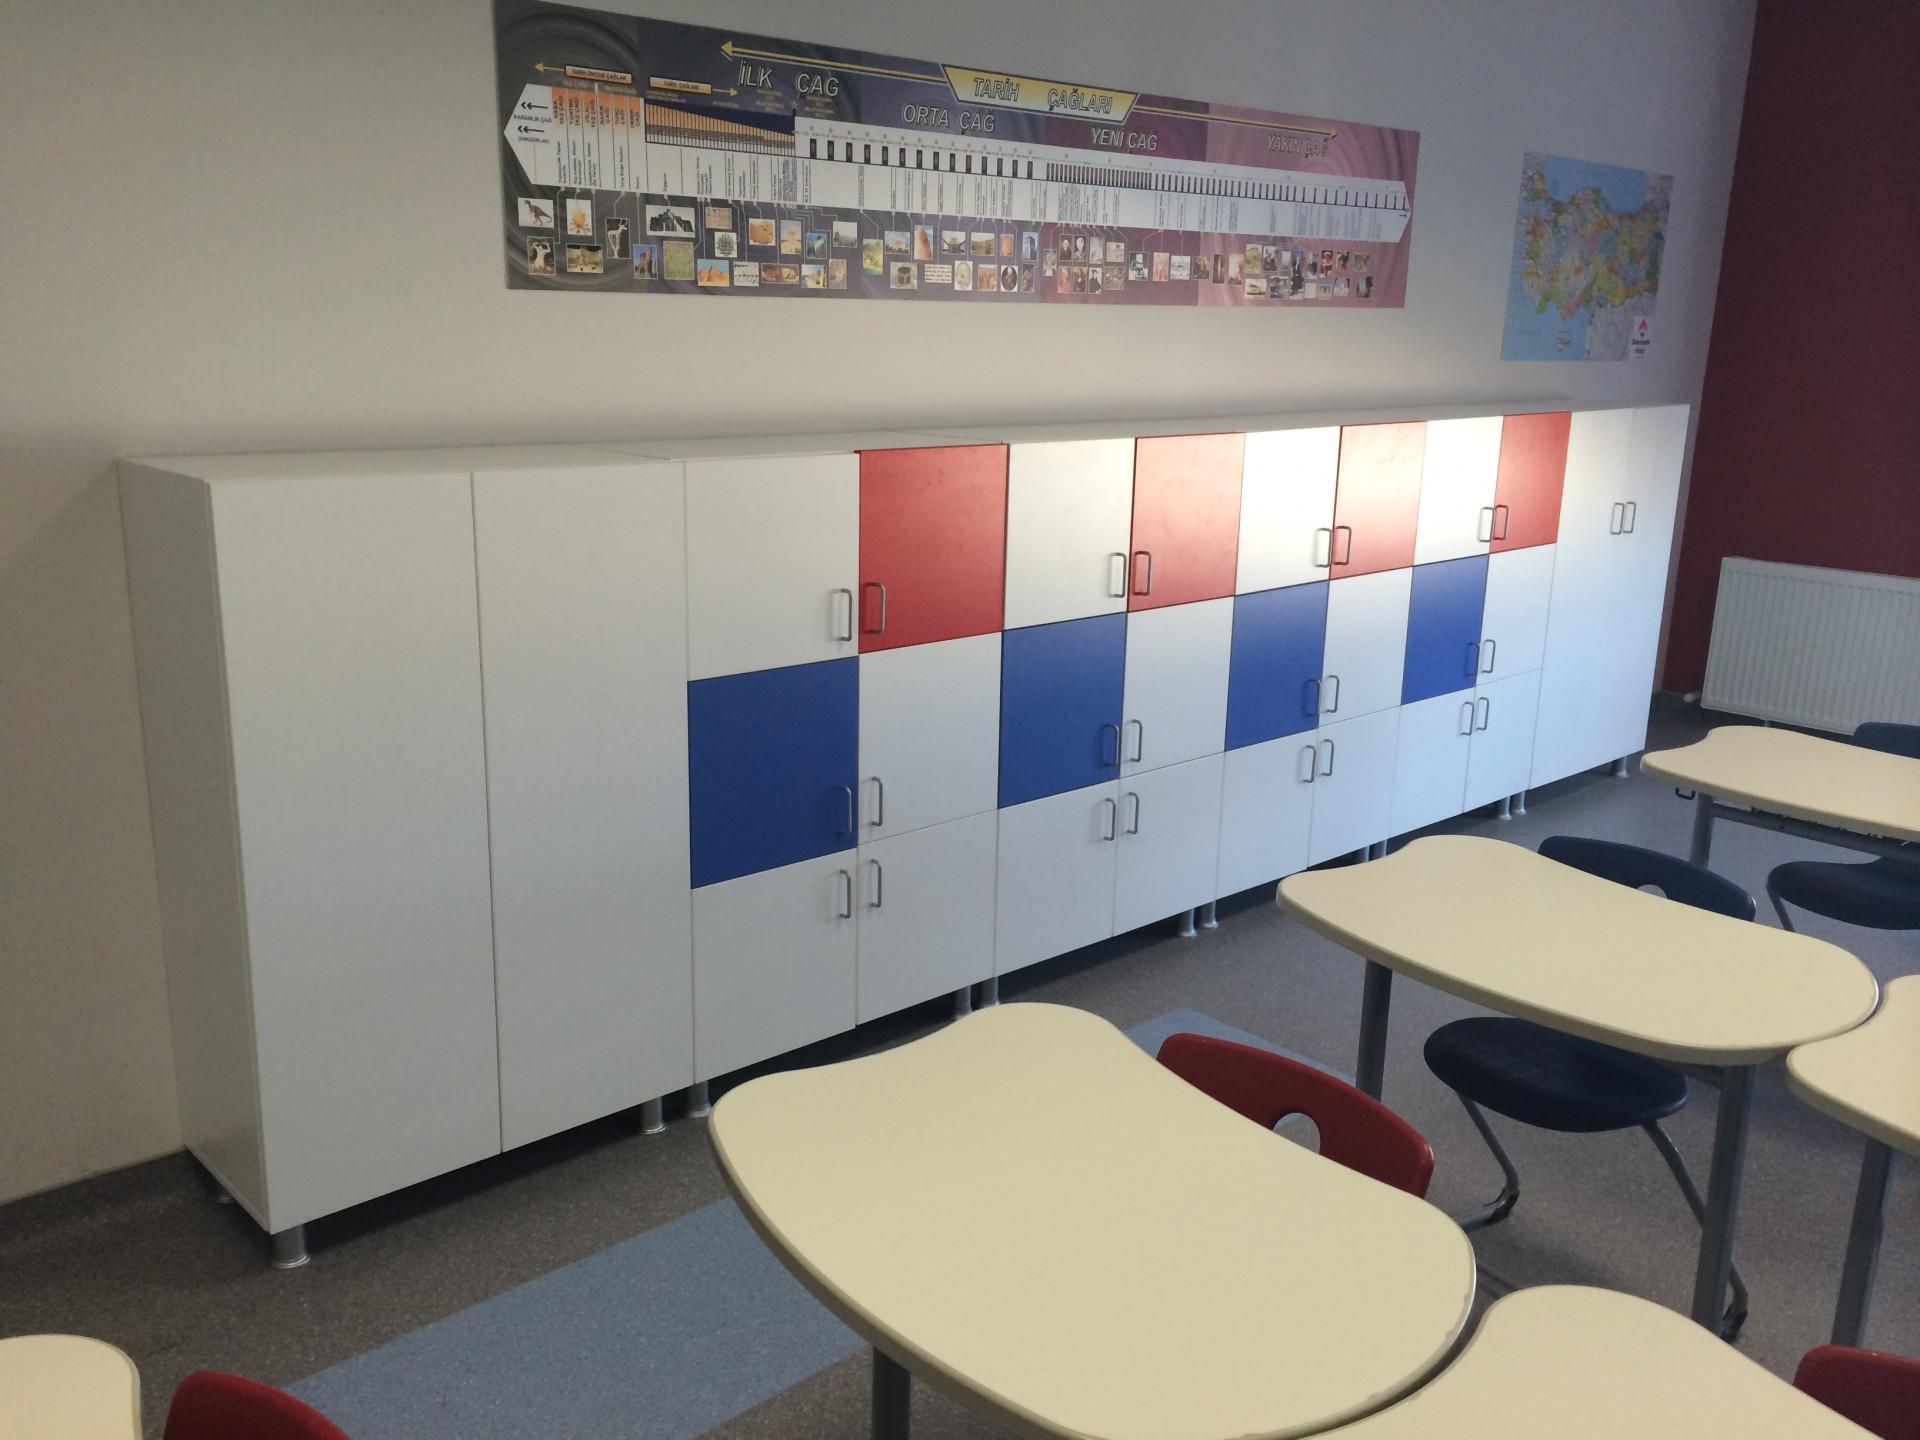 Okul Mobilyaları